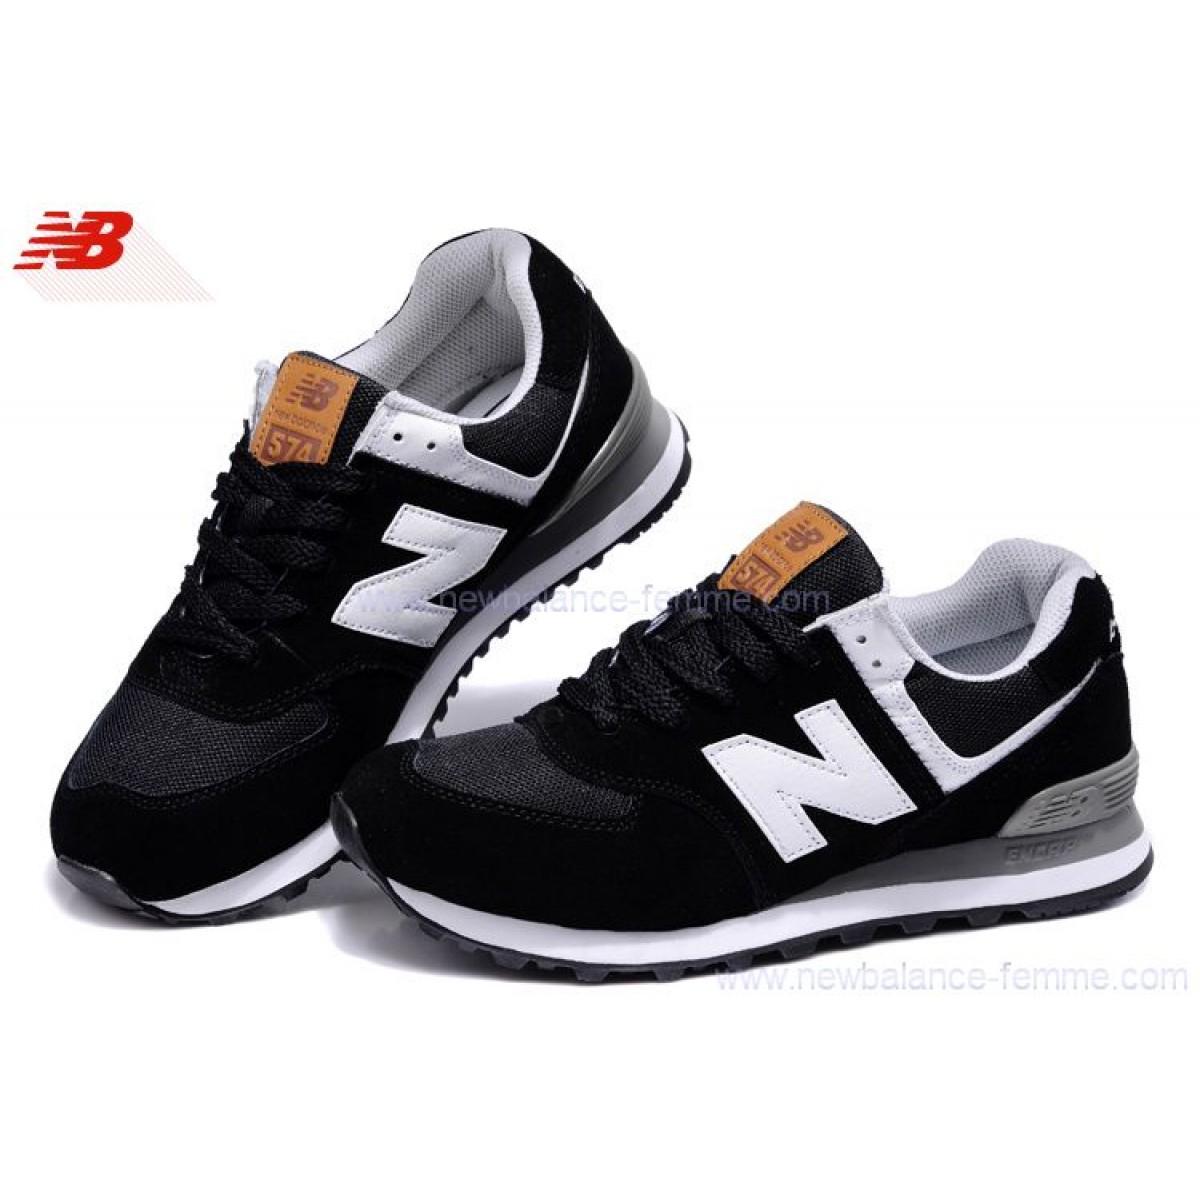 chaussure new balance femme pas cher